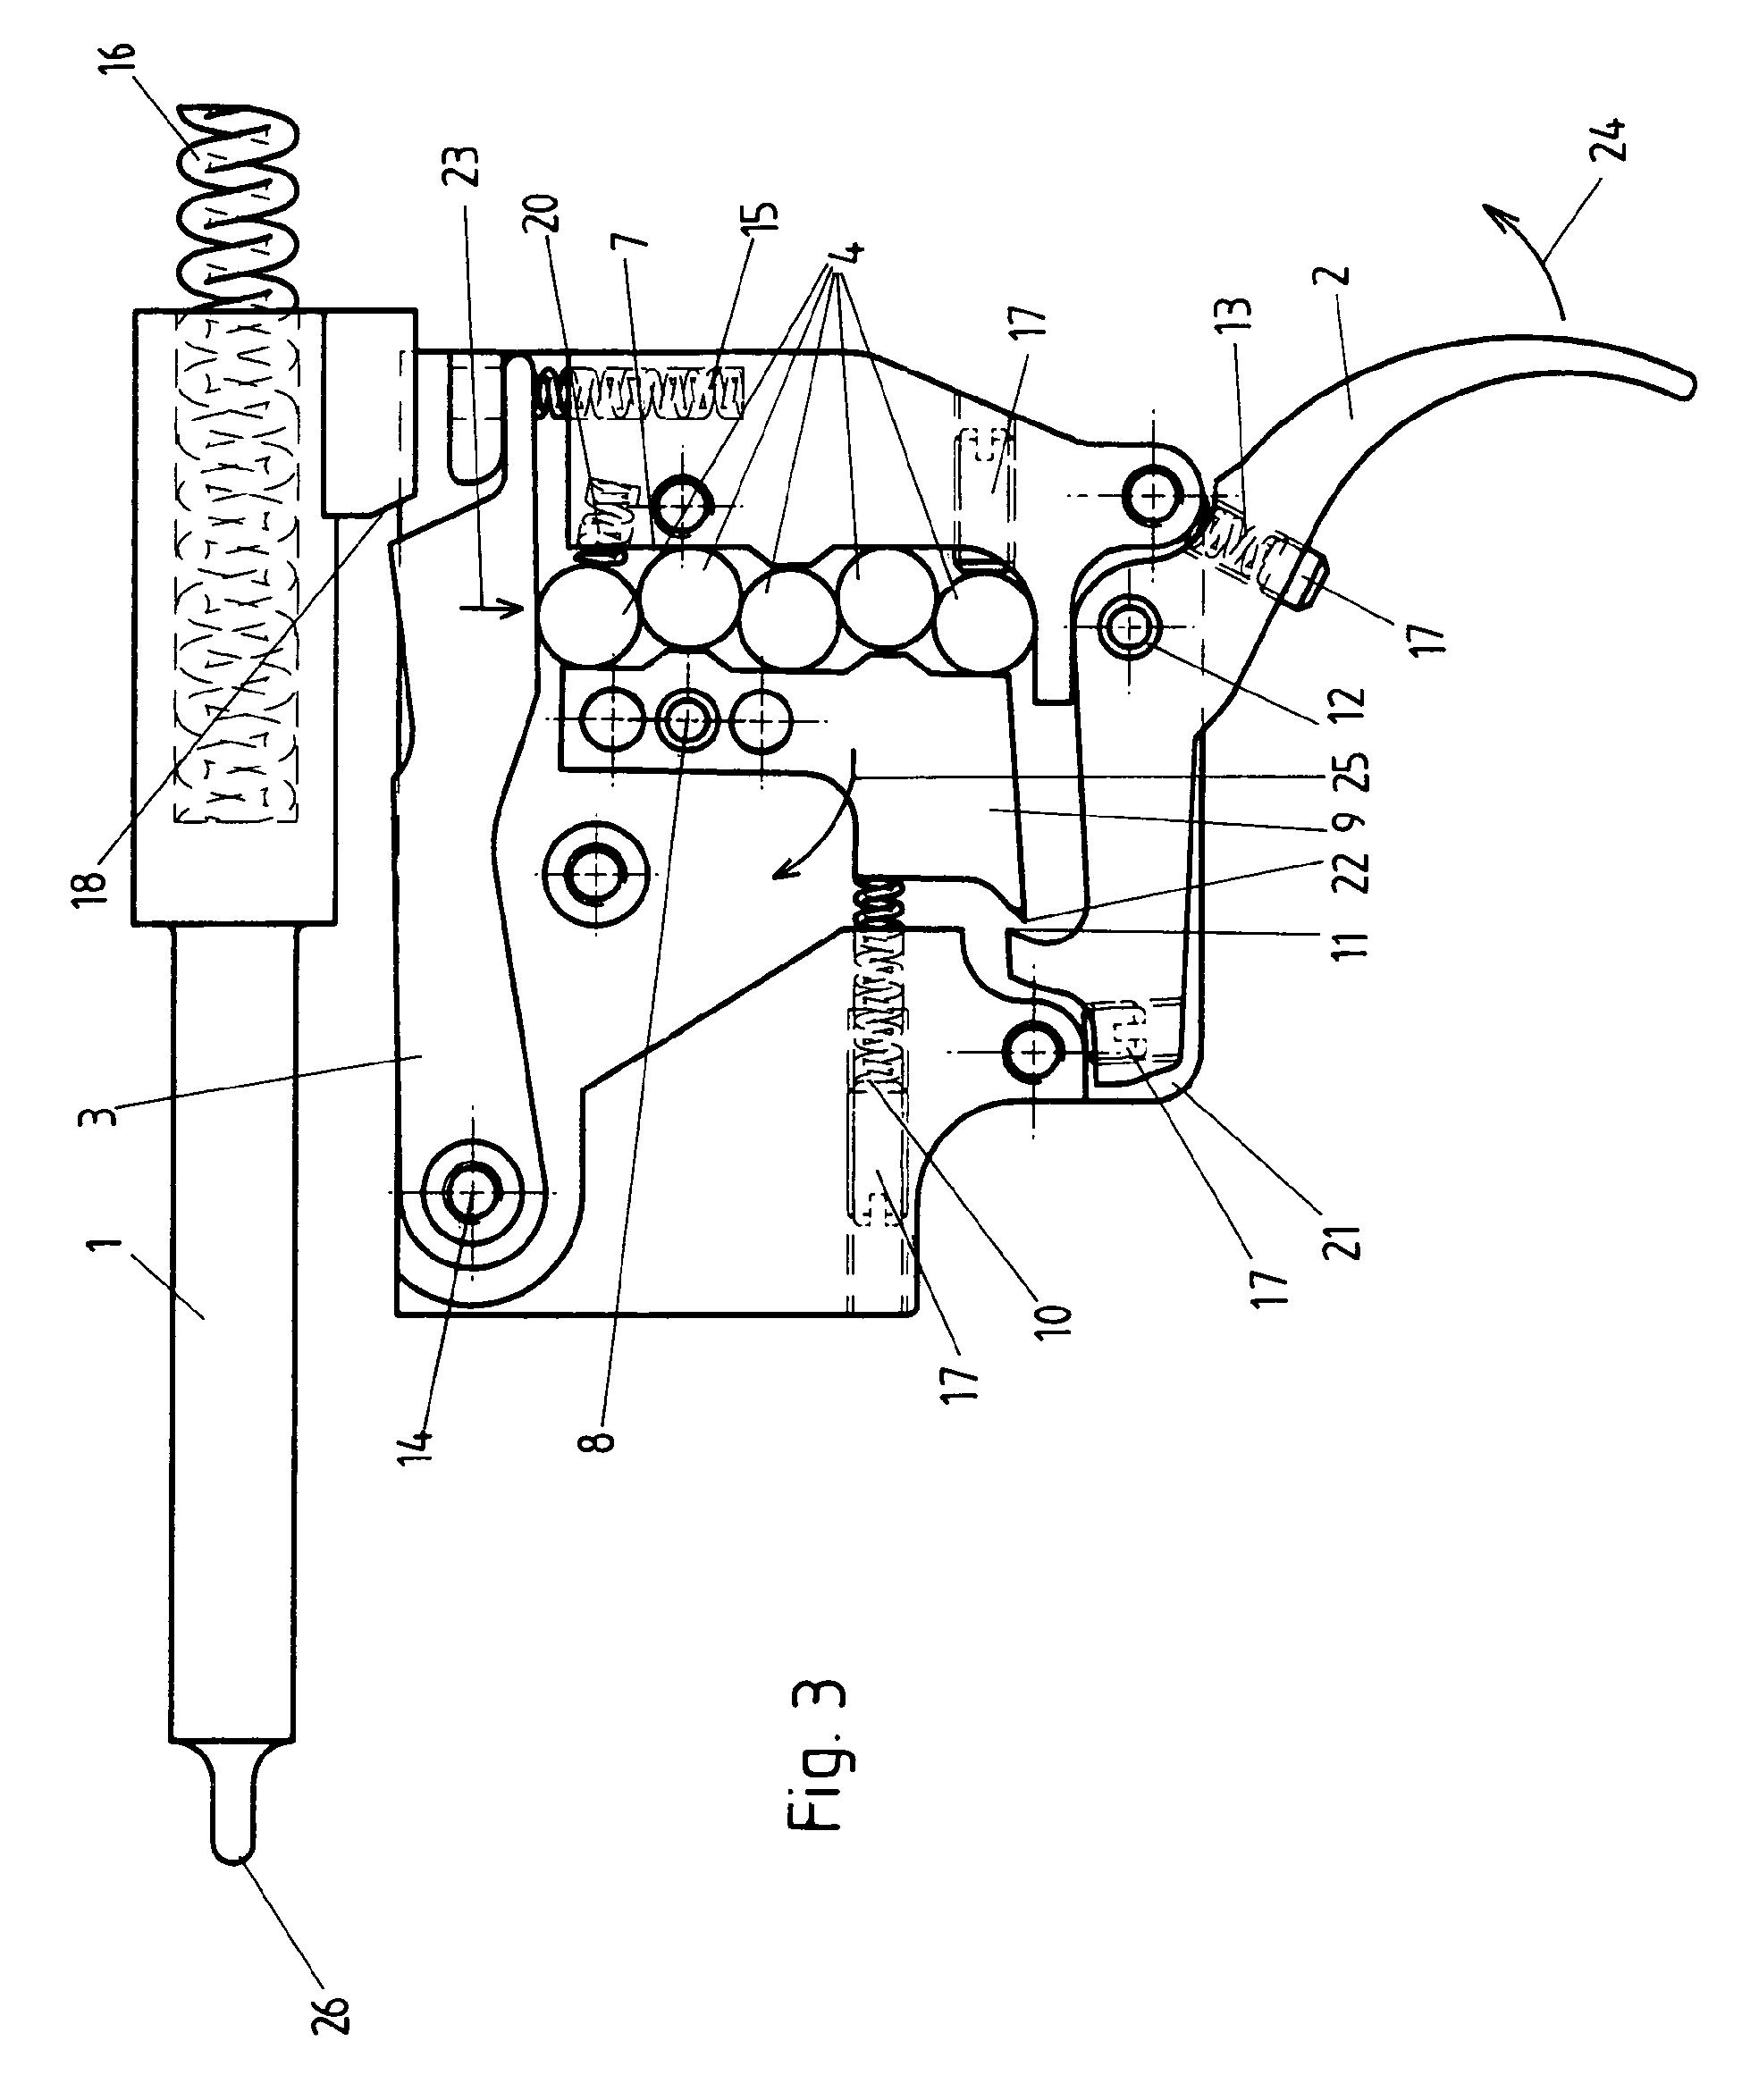 pigno amp wiring diagram gretsch astro jet wiring